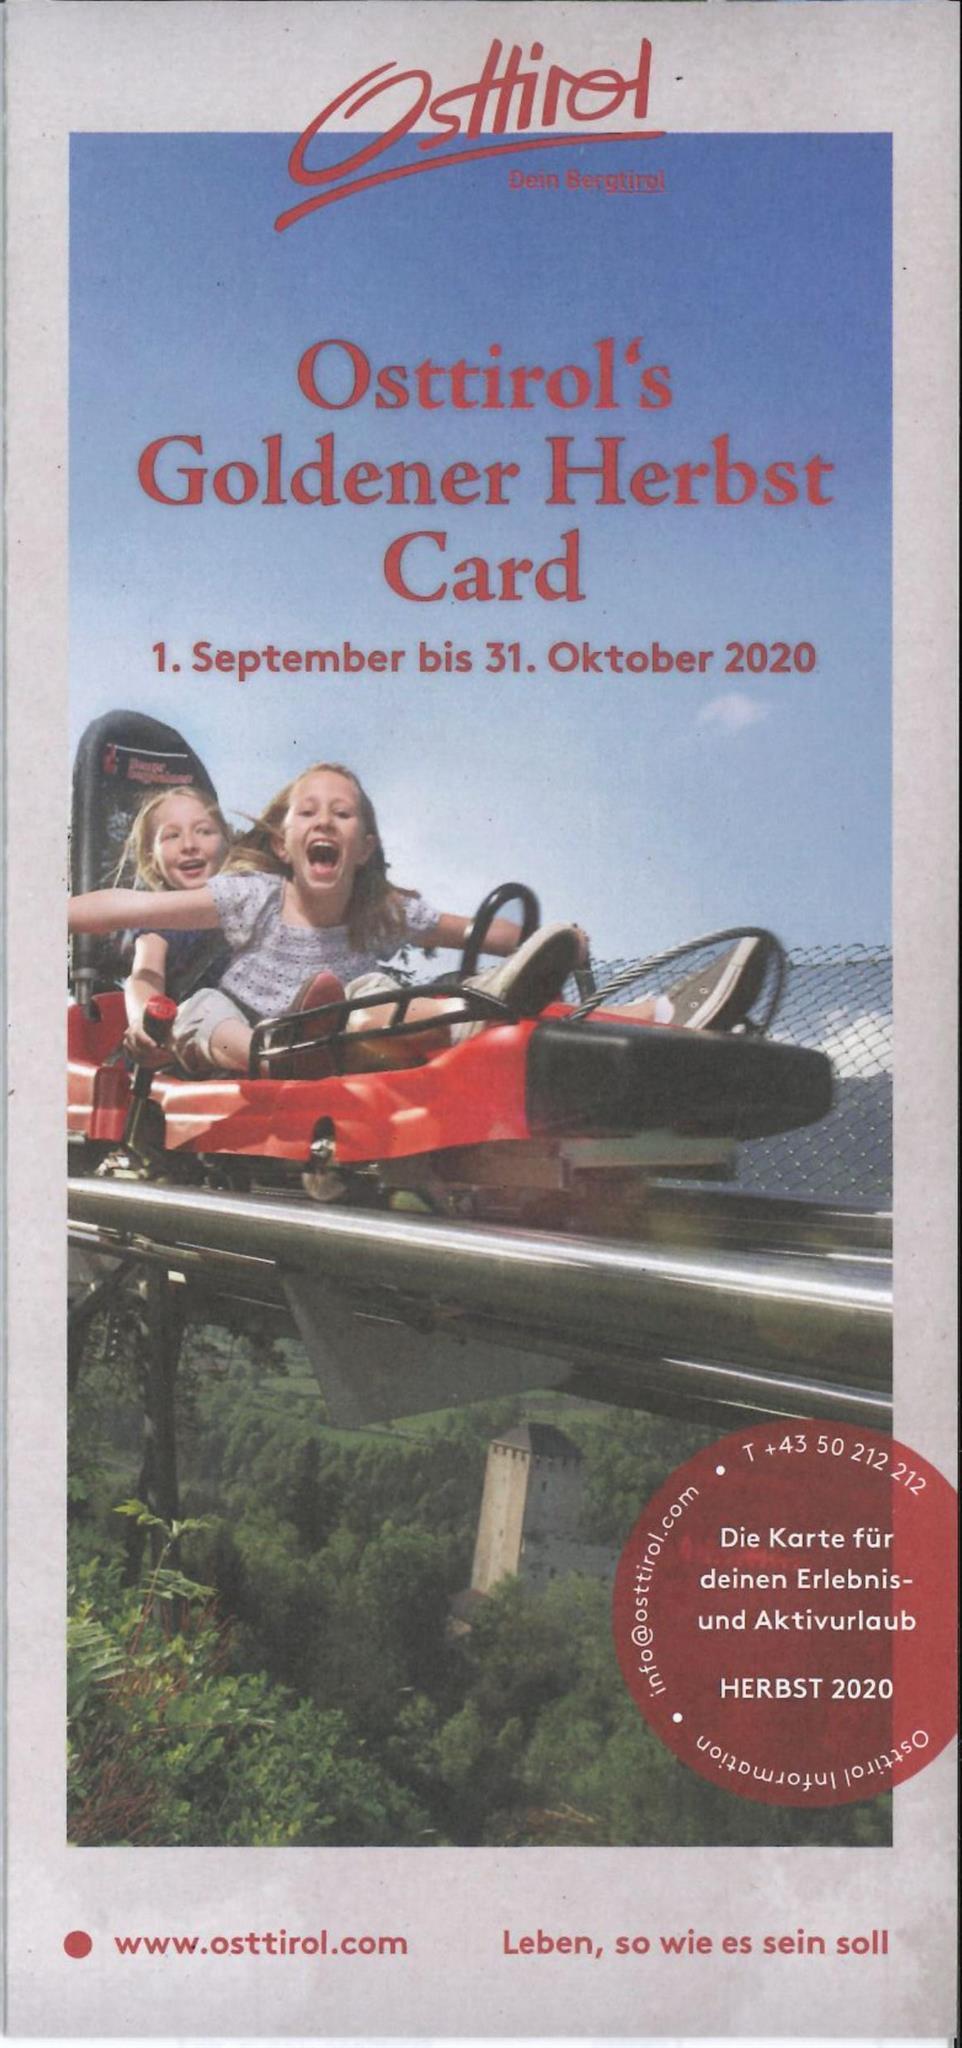 Osttirols-Goldener-Herbst-Card.jpg